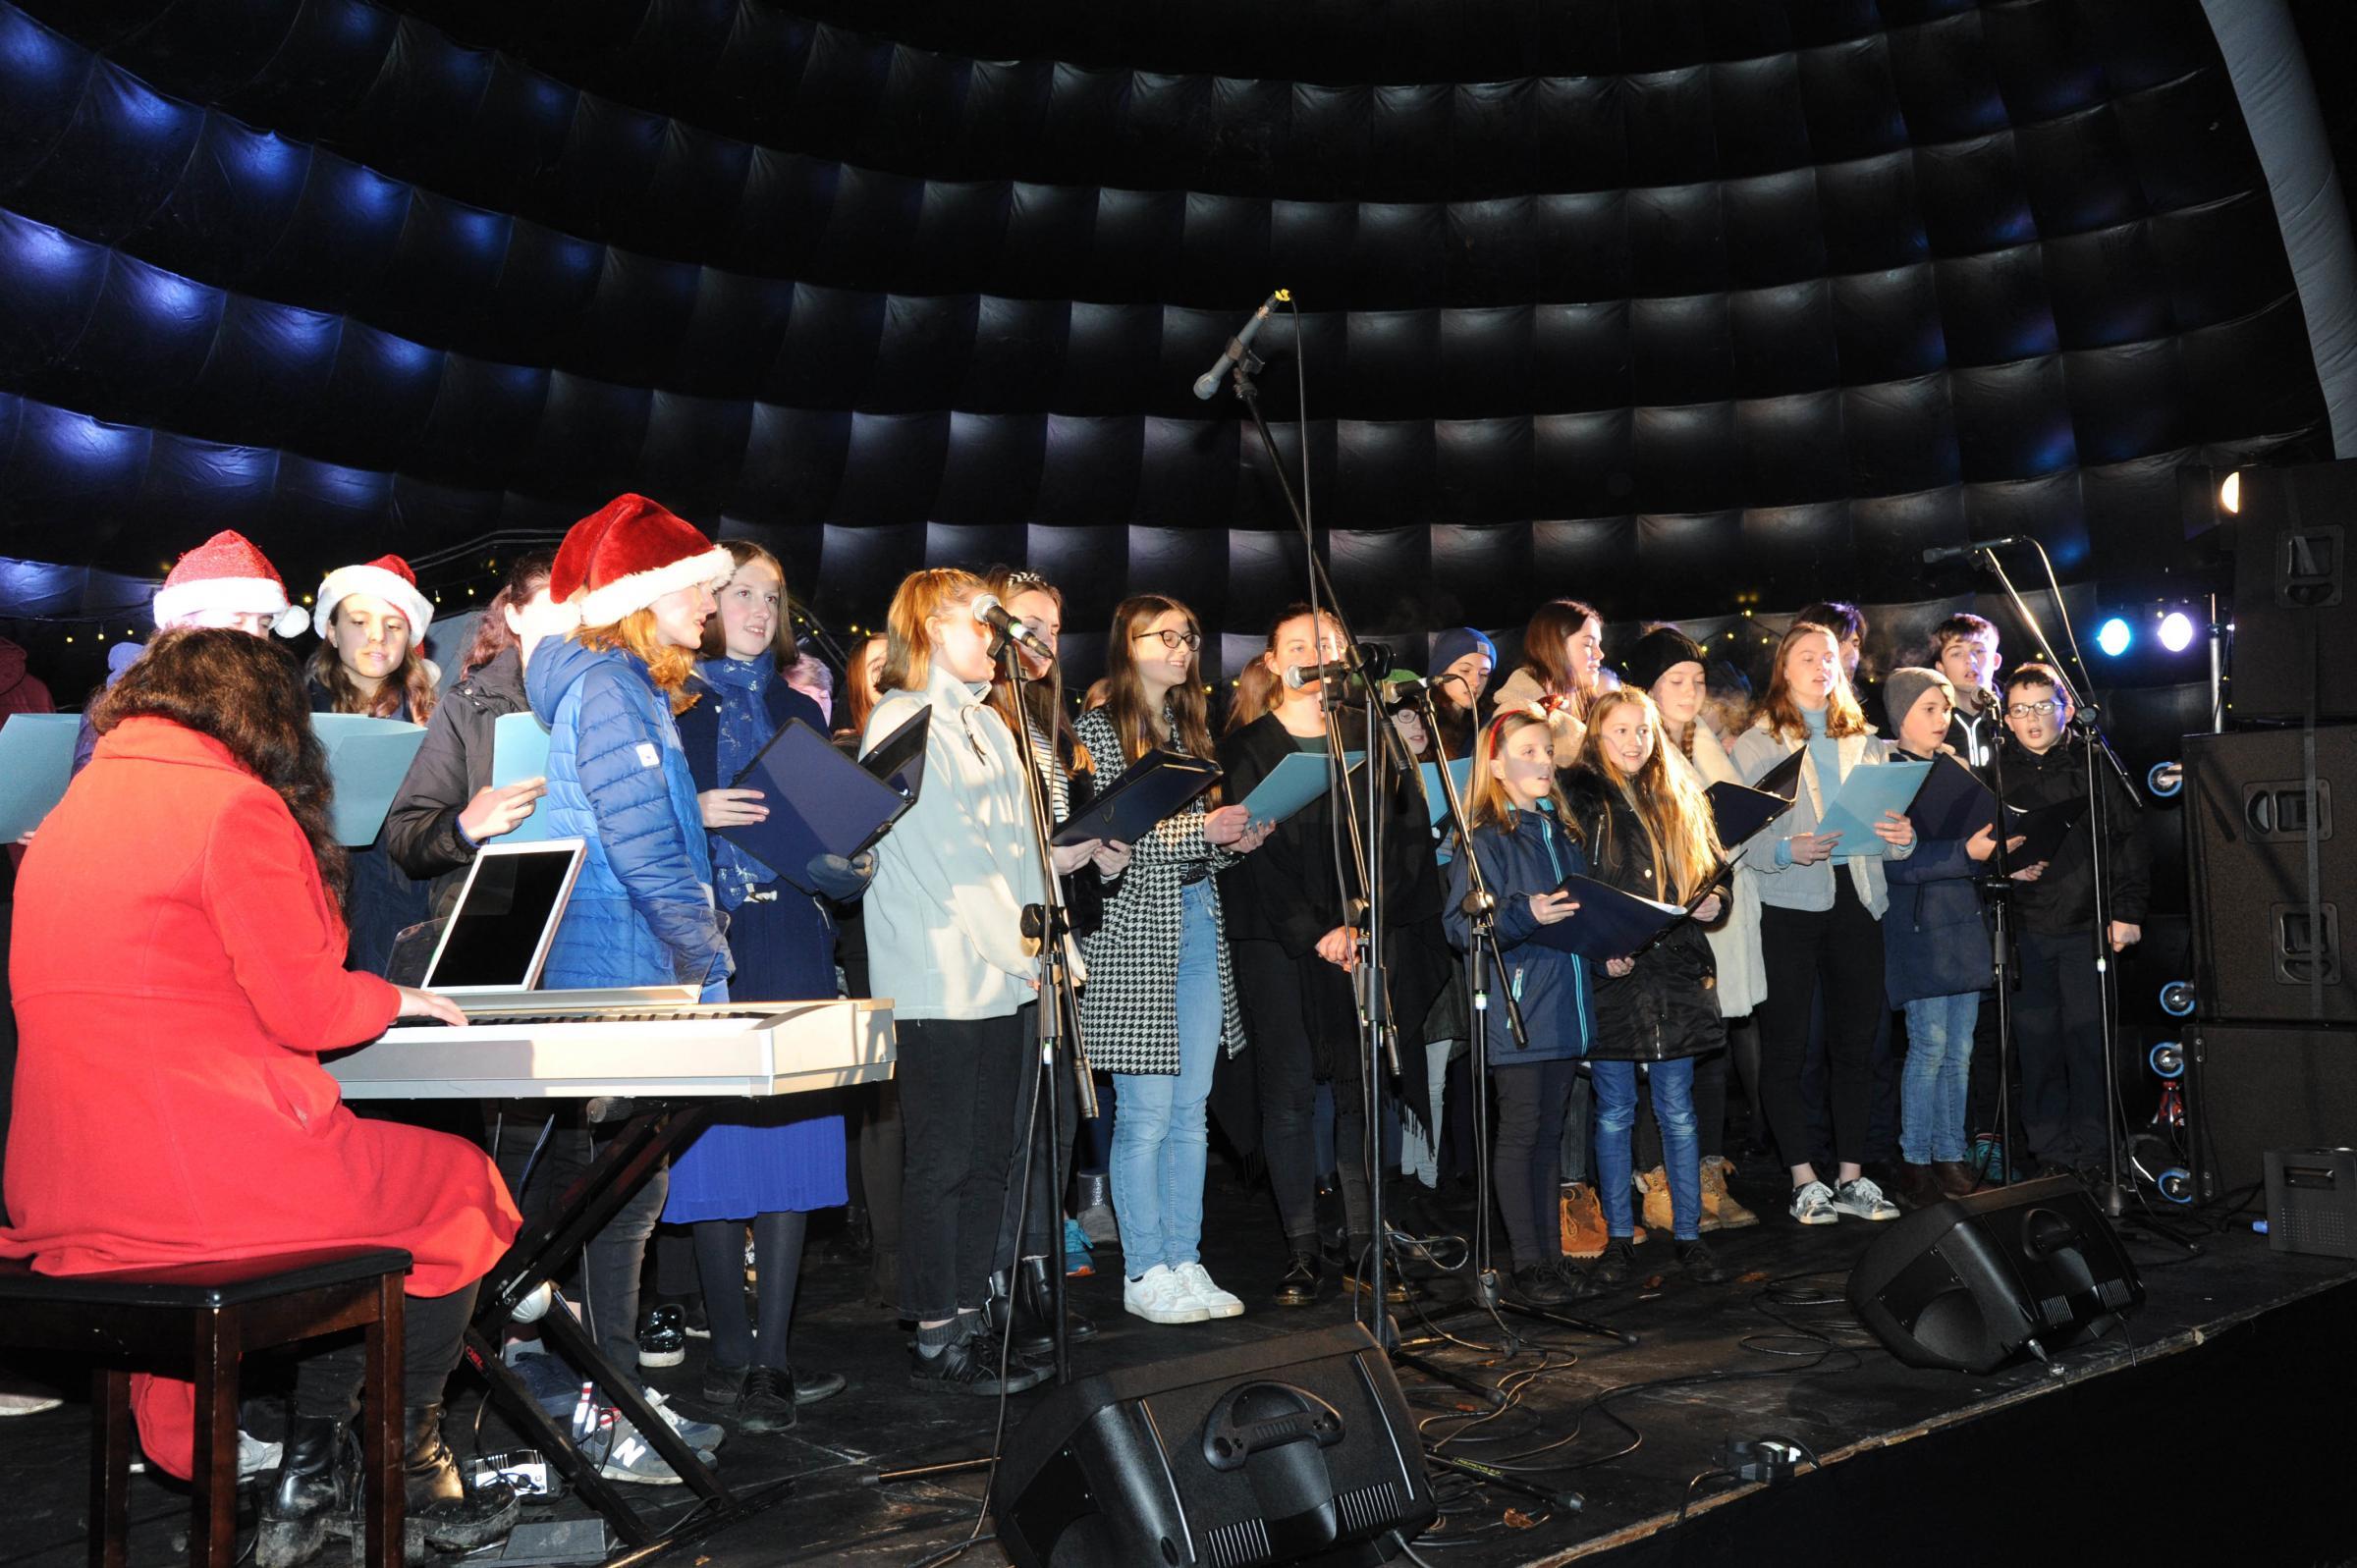 Lighting up Bradford on Avon for Christmas